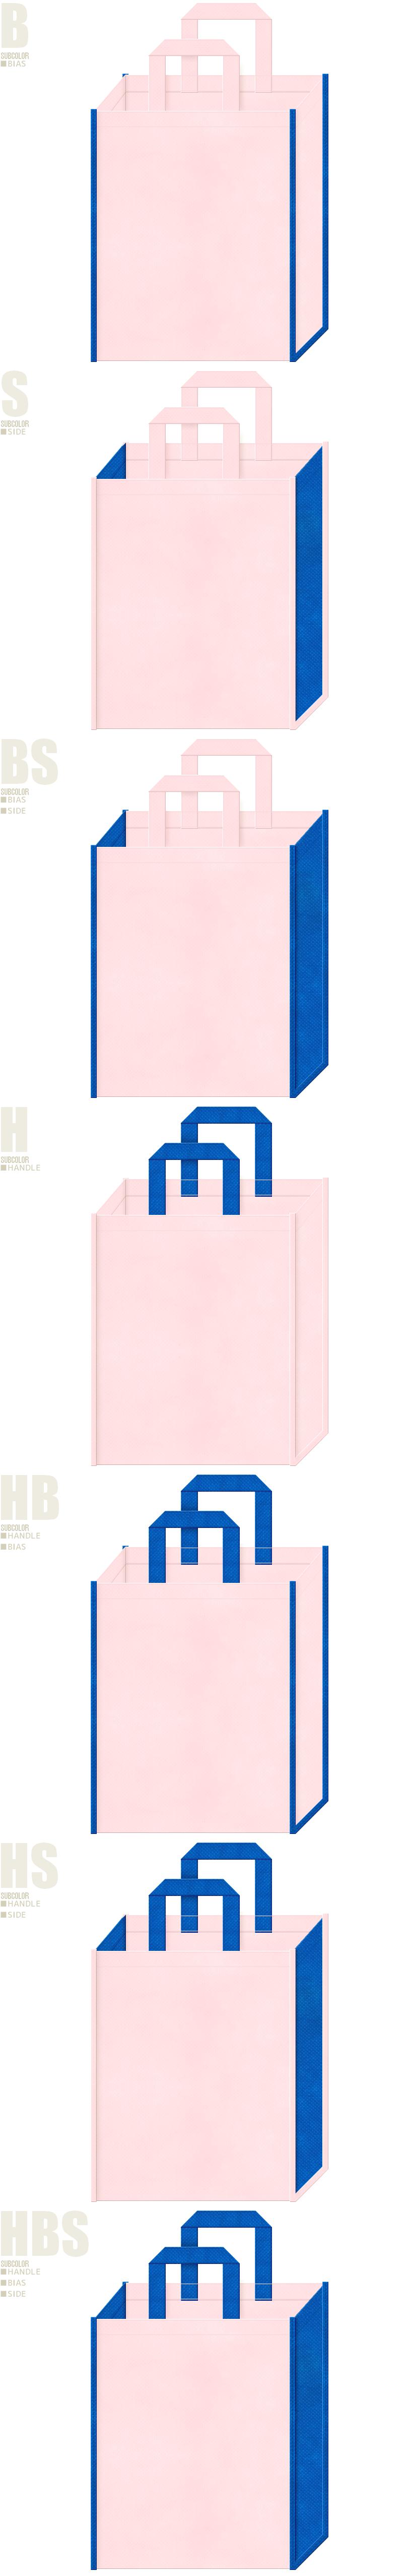 不織布トートバッグのデザイン例-不織布メインカラーNo.26+サブカラーNo.22の2色7パターン